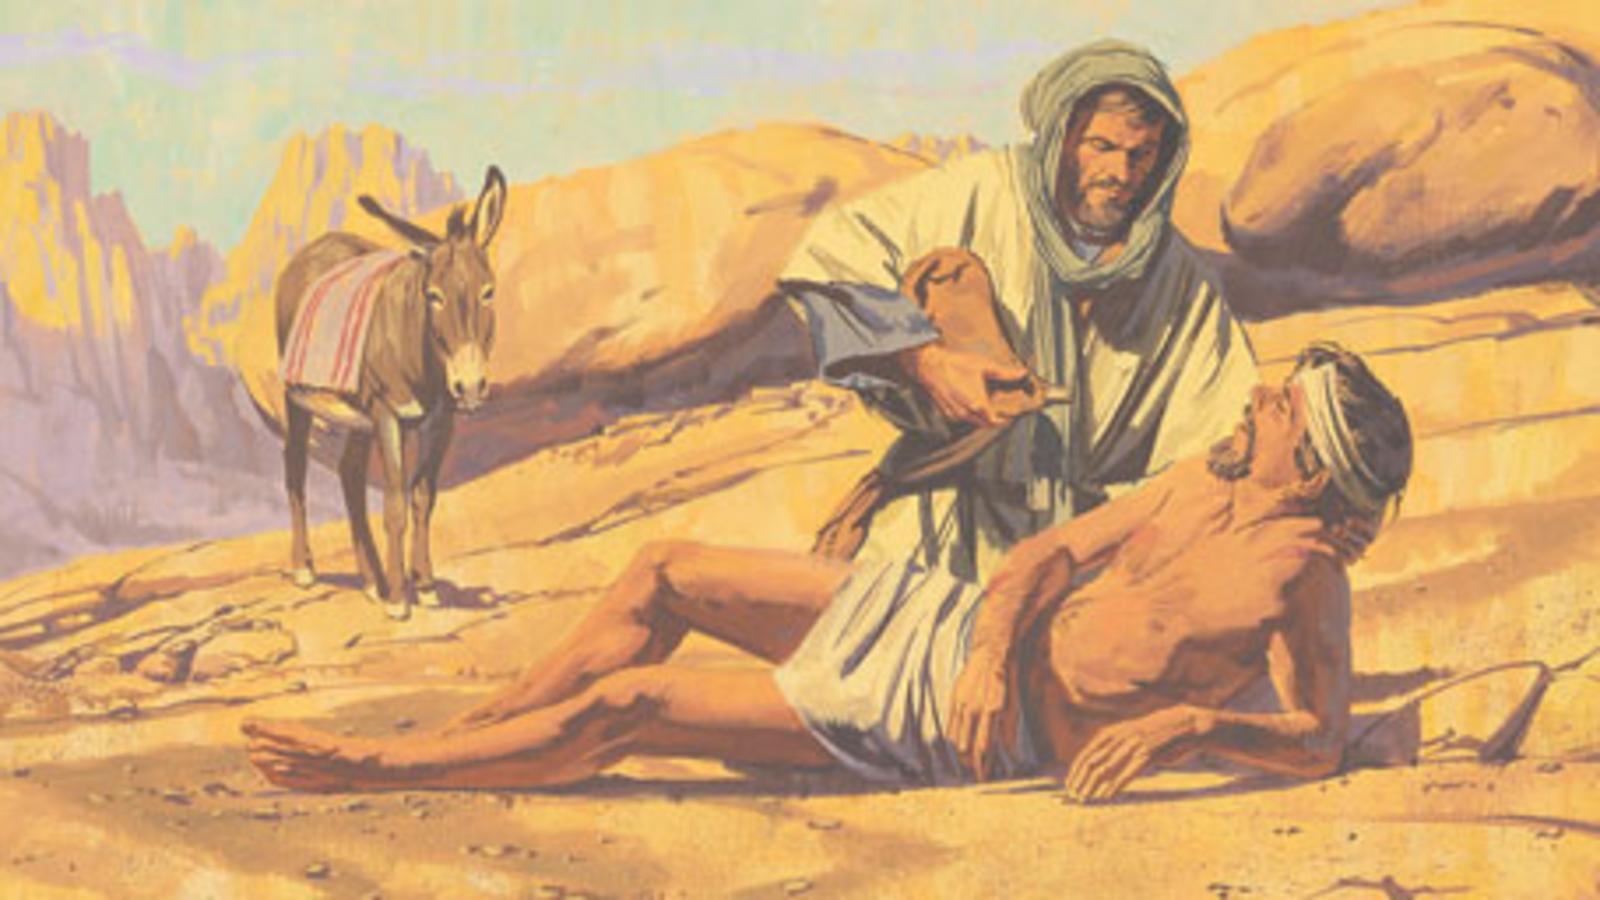 притча о самаритянине